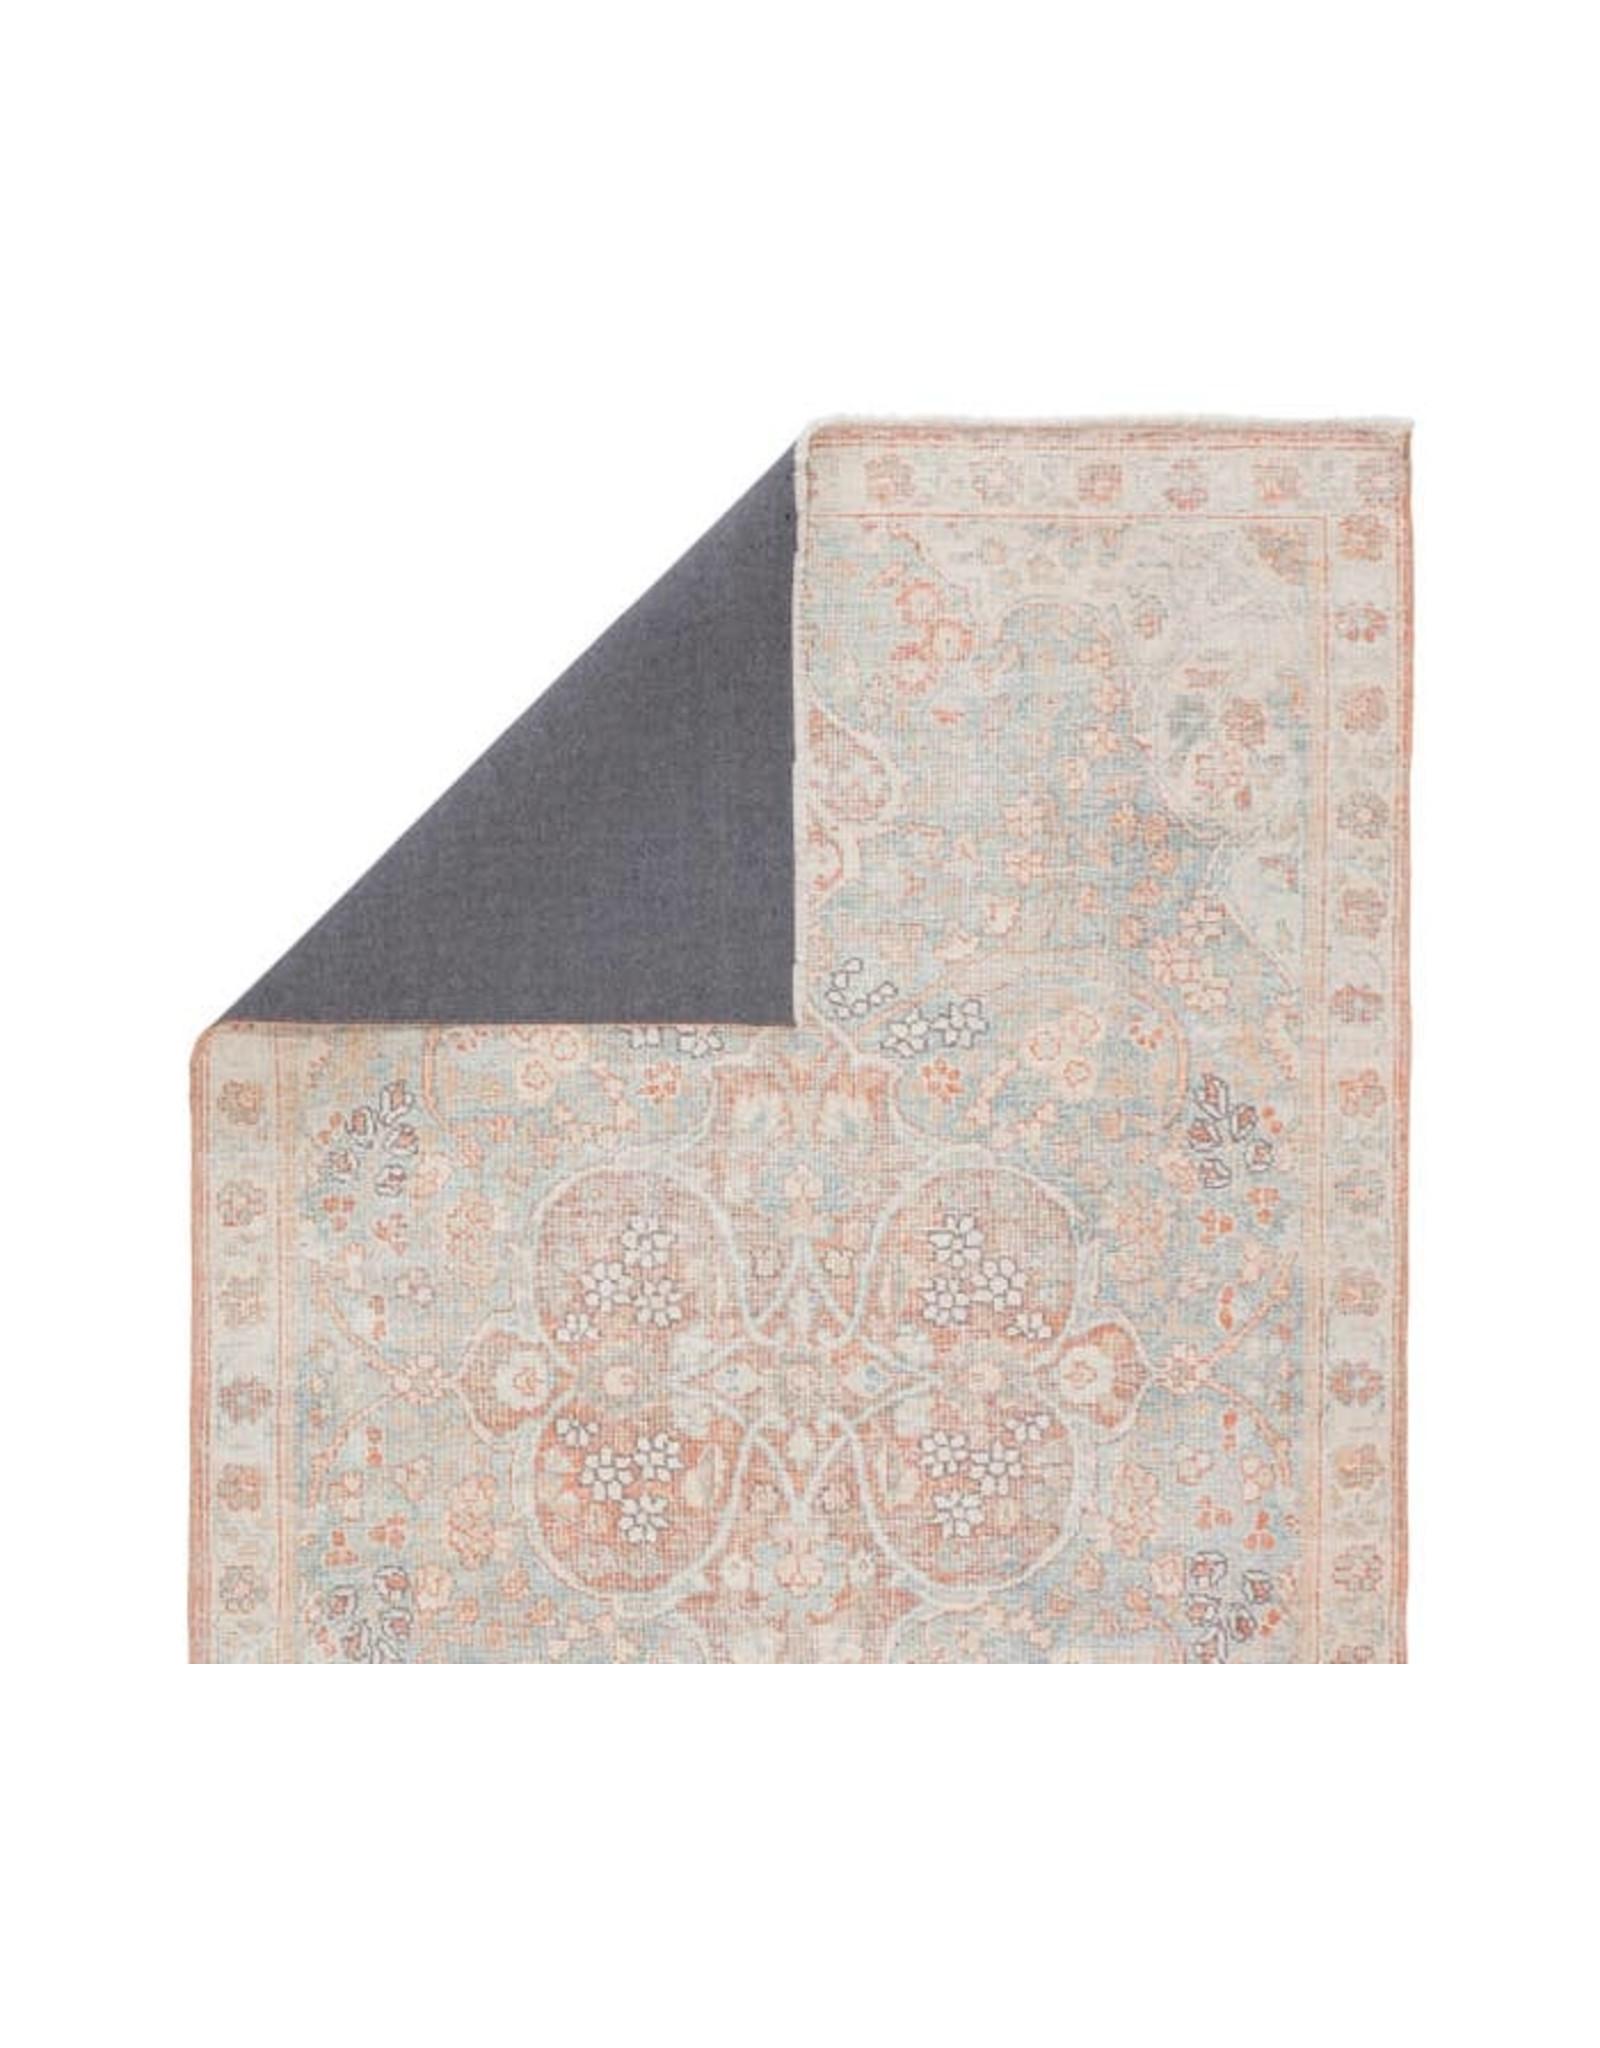 Oak + Arrow Interiors BOHEME 15 - 6 ' x 9'